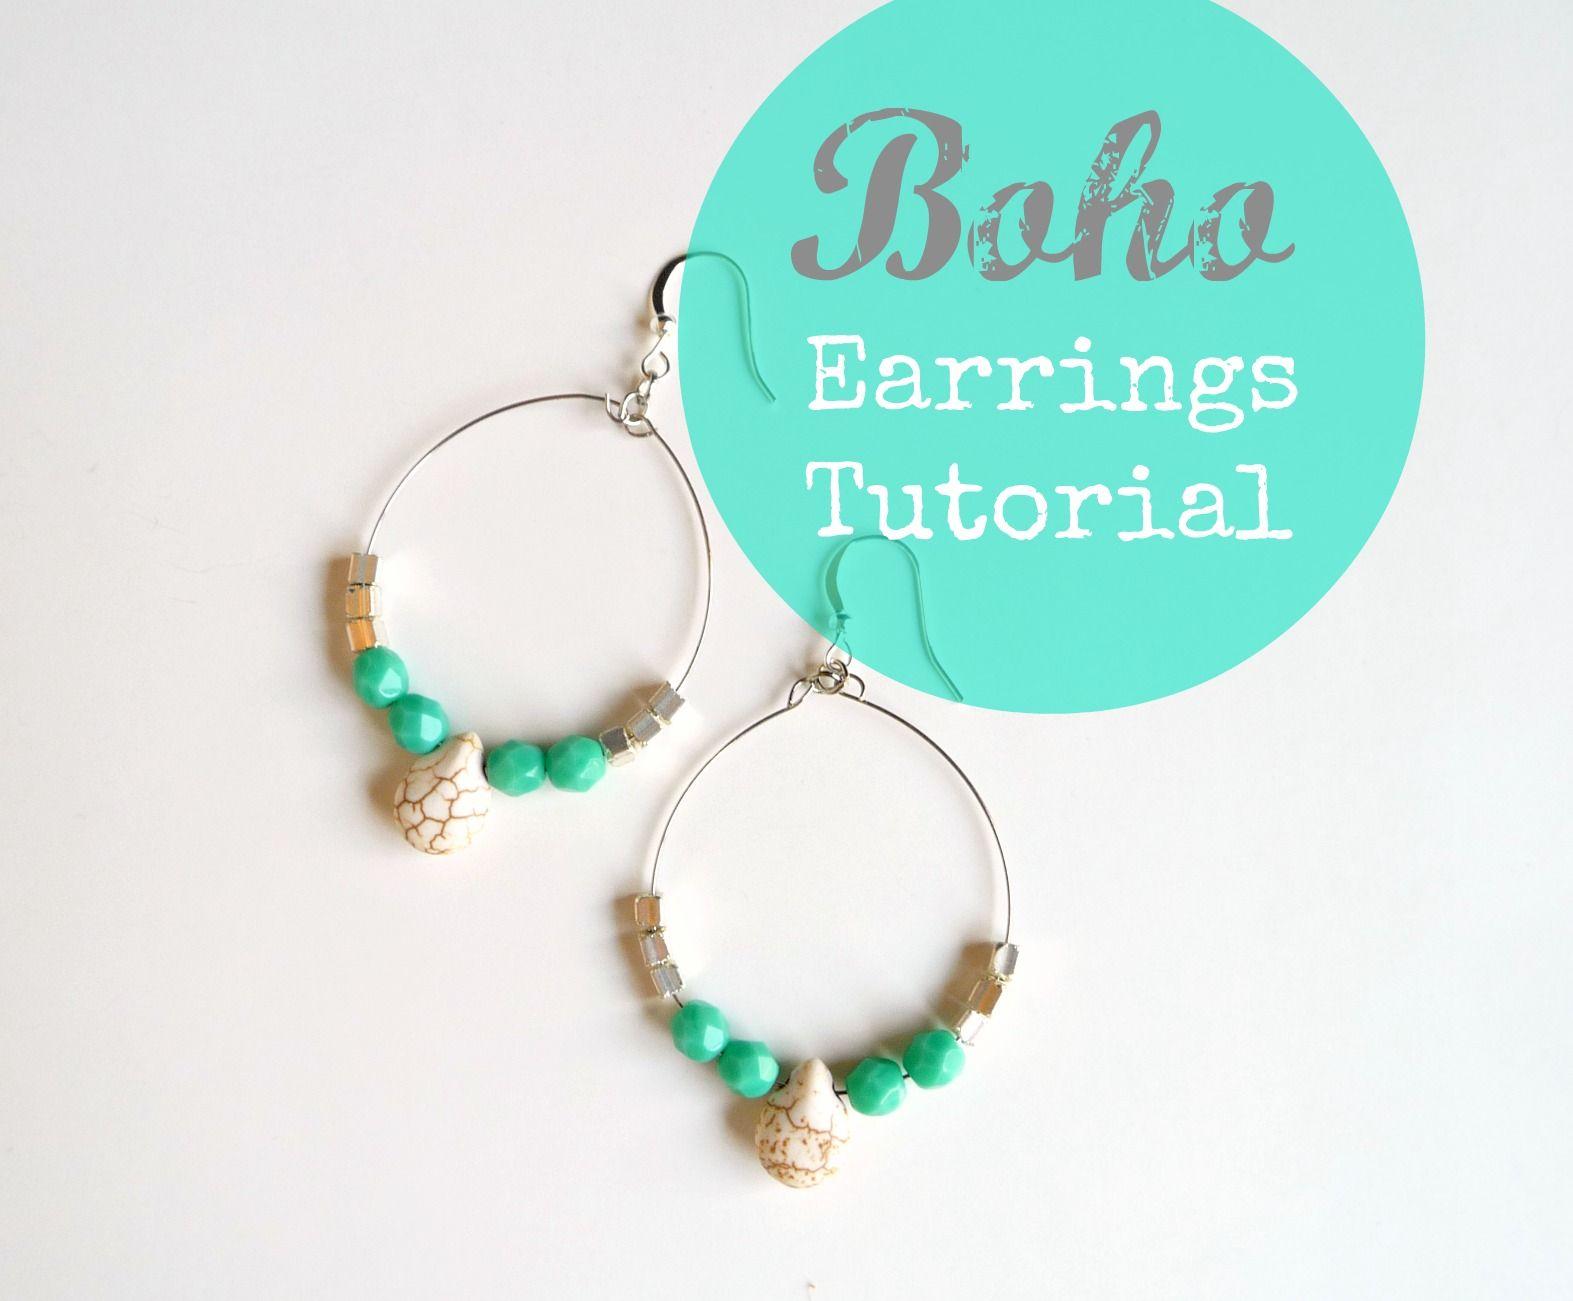 boho earrings jewelry tutorial | Jewelry Wire | Pinterest